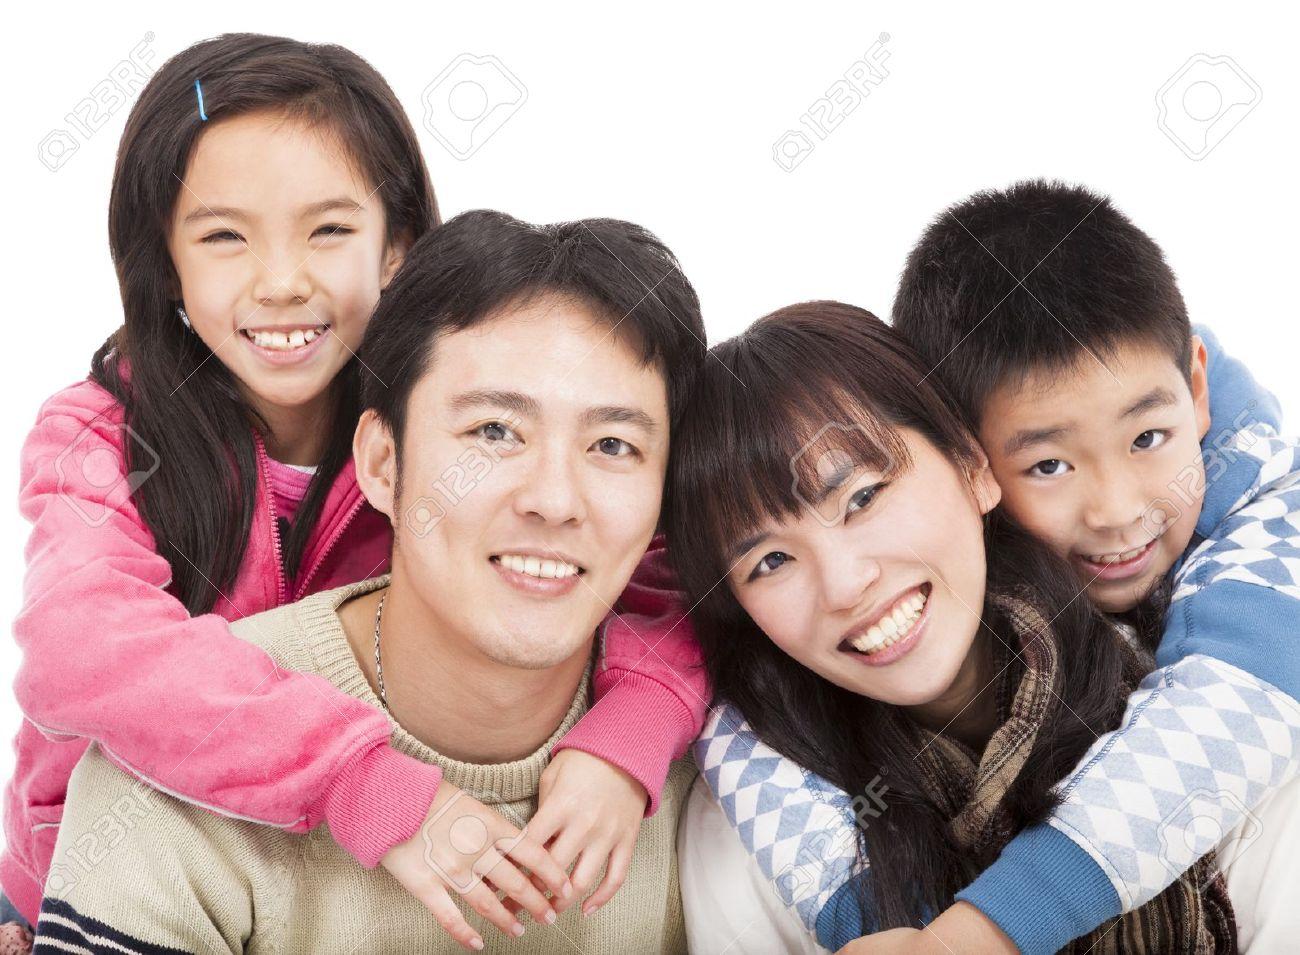 happy asian family Stock Photo - 17132482